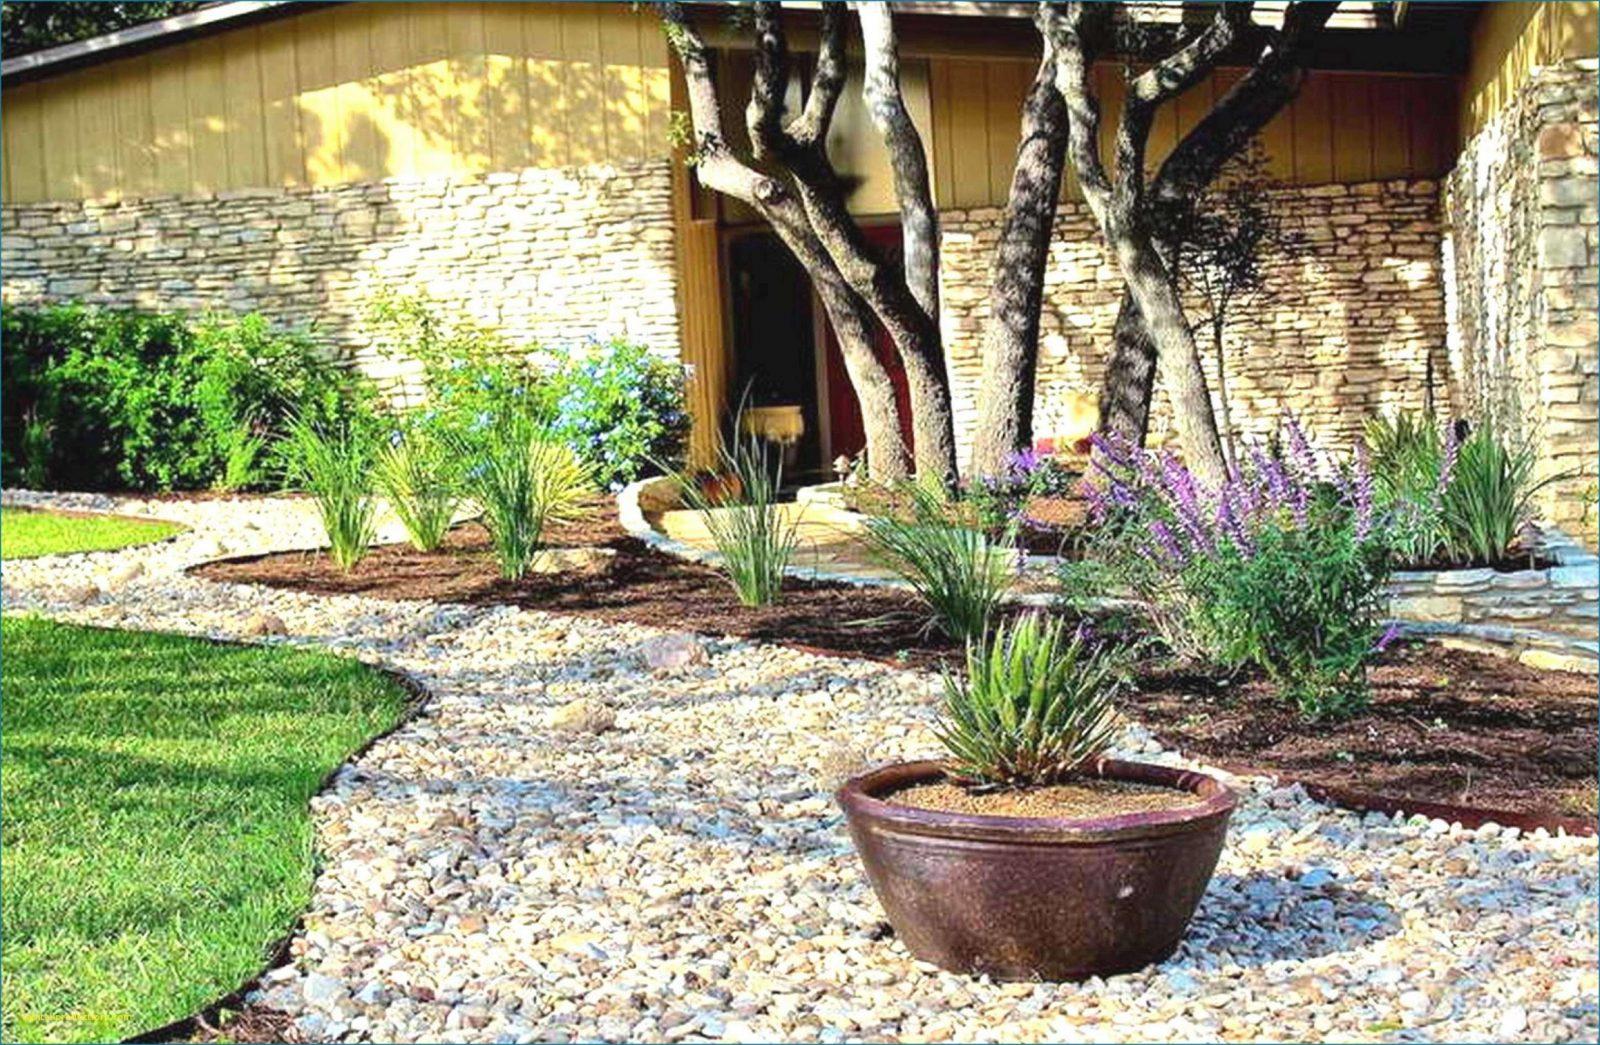 Vorgarten Mit Kies Gestalten Bilder Schema Von Sitzplatz Im Garten von Garten Mit Kies Bilder Photo